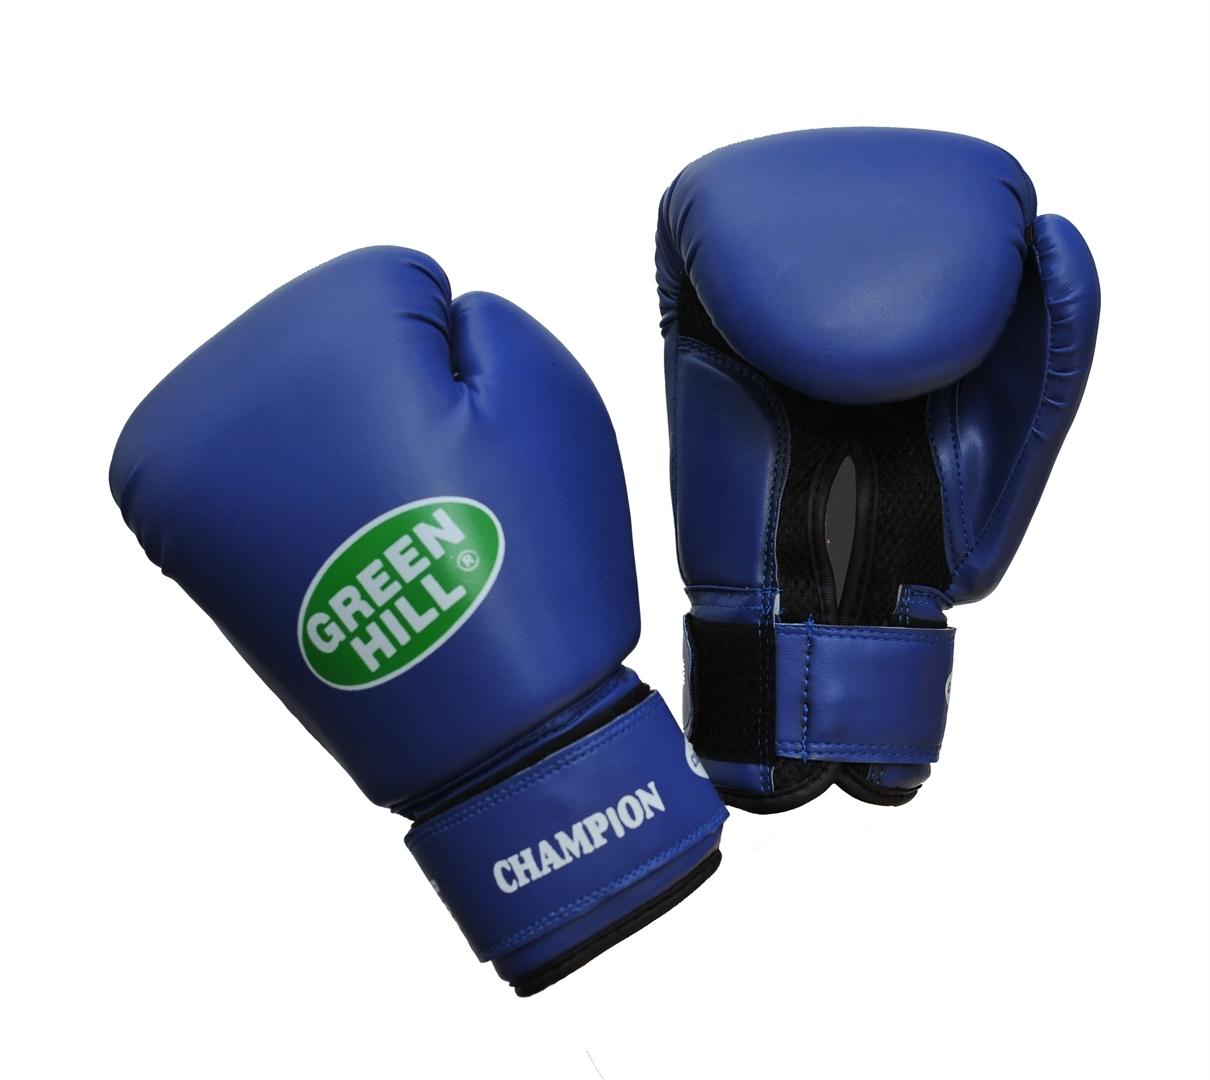 Перчатки боксерские Green Hill Champion, цвет: синий. Вес 10 унцийBGG-2018Боксерские перчатки Green Hill Champion предназначены для тренировок и соревнований. Верх выполнен из синтетической кожи, наполнитель - из пенополиуретана. Вставка из прочной замшевой сетки в области ладони позволяет создать максимально комфортный терморежим во время занятий. Перчатка хорошо проветривается благодаря системе воздухообмена. Широкий ремень, охватывая запястье, полностью оборачивается вокруг манжеты, благодаря чему создается дополнительная защита лучезапястного сустава от травмирования. Застежка на липучке способствует быстрому и удобному одеванию перчаток, плотно фиксирует перчатки на руке.